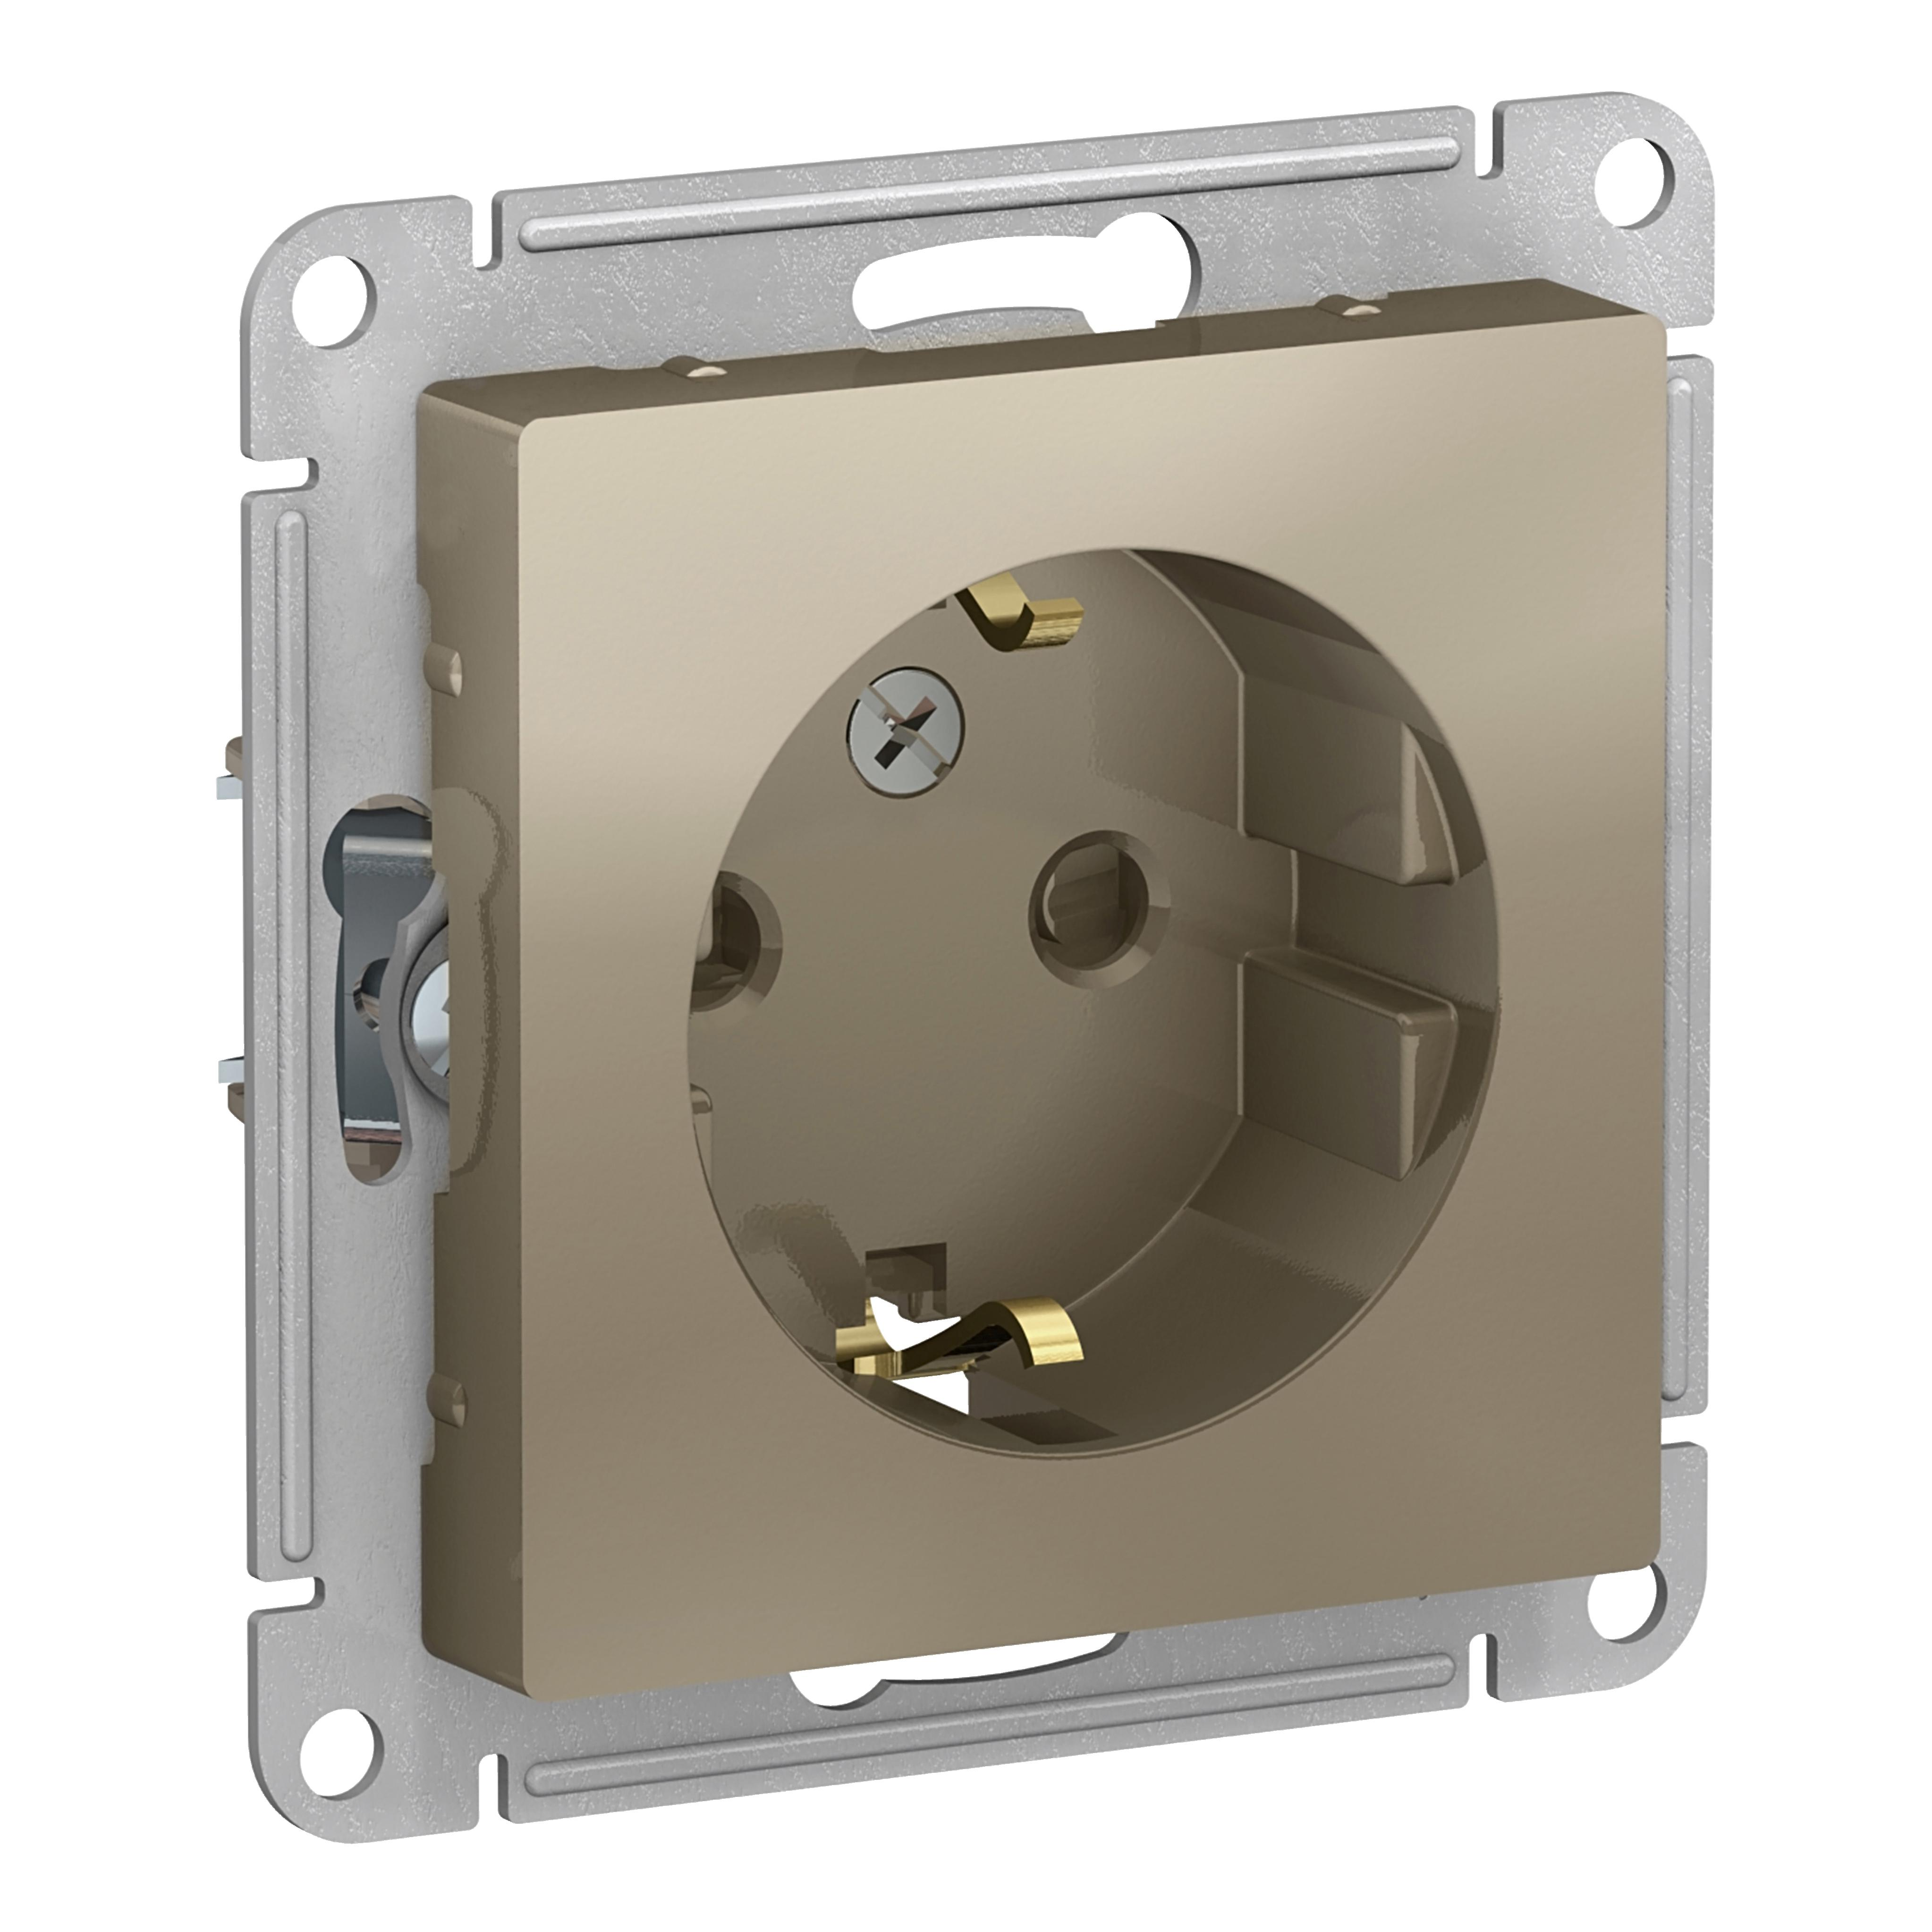 Купить Механизм розетки Schneider electric Atn000545